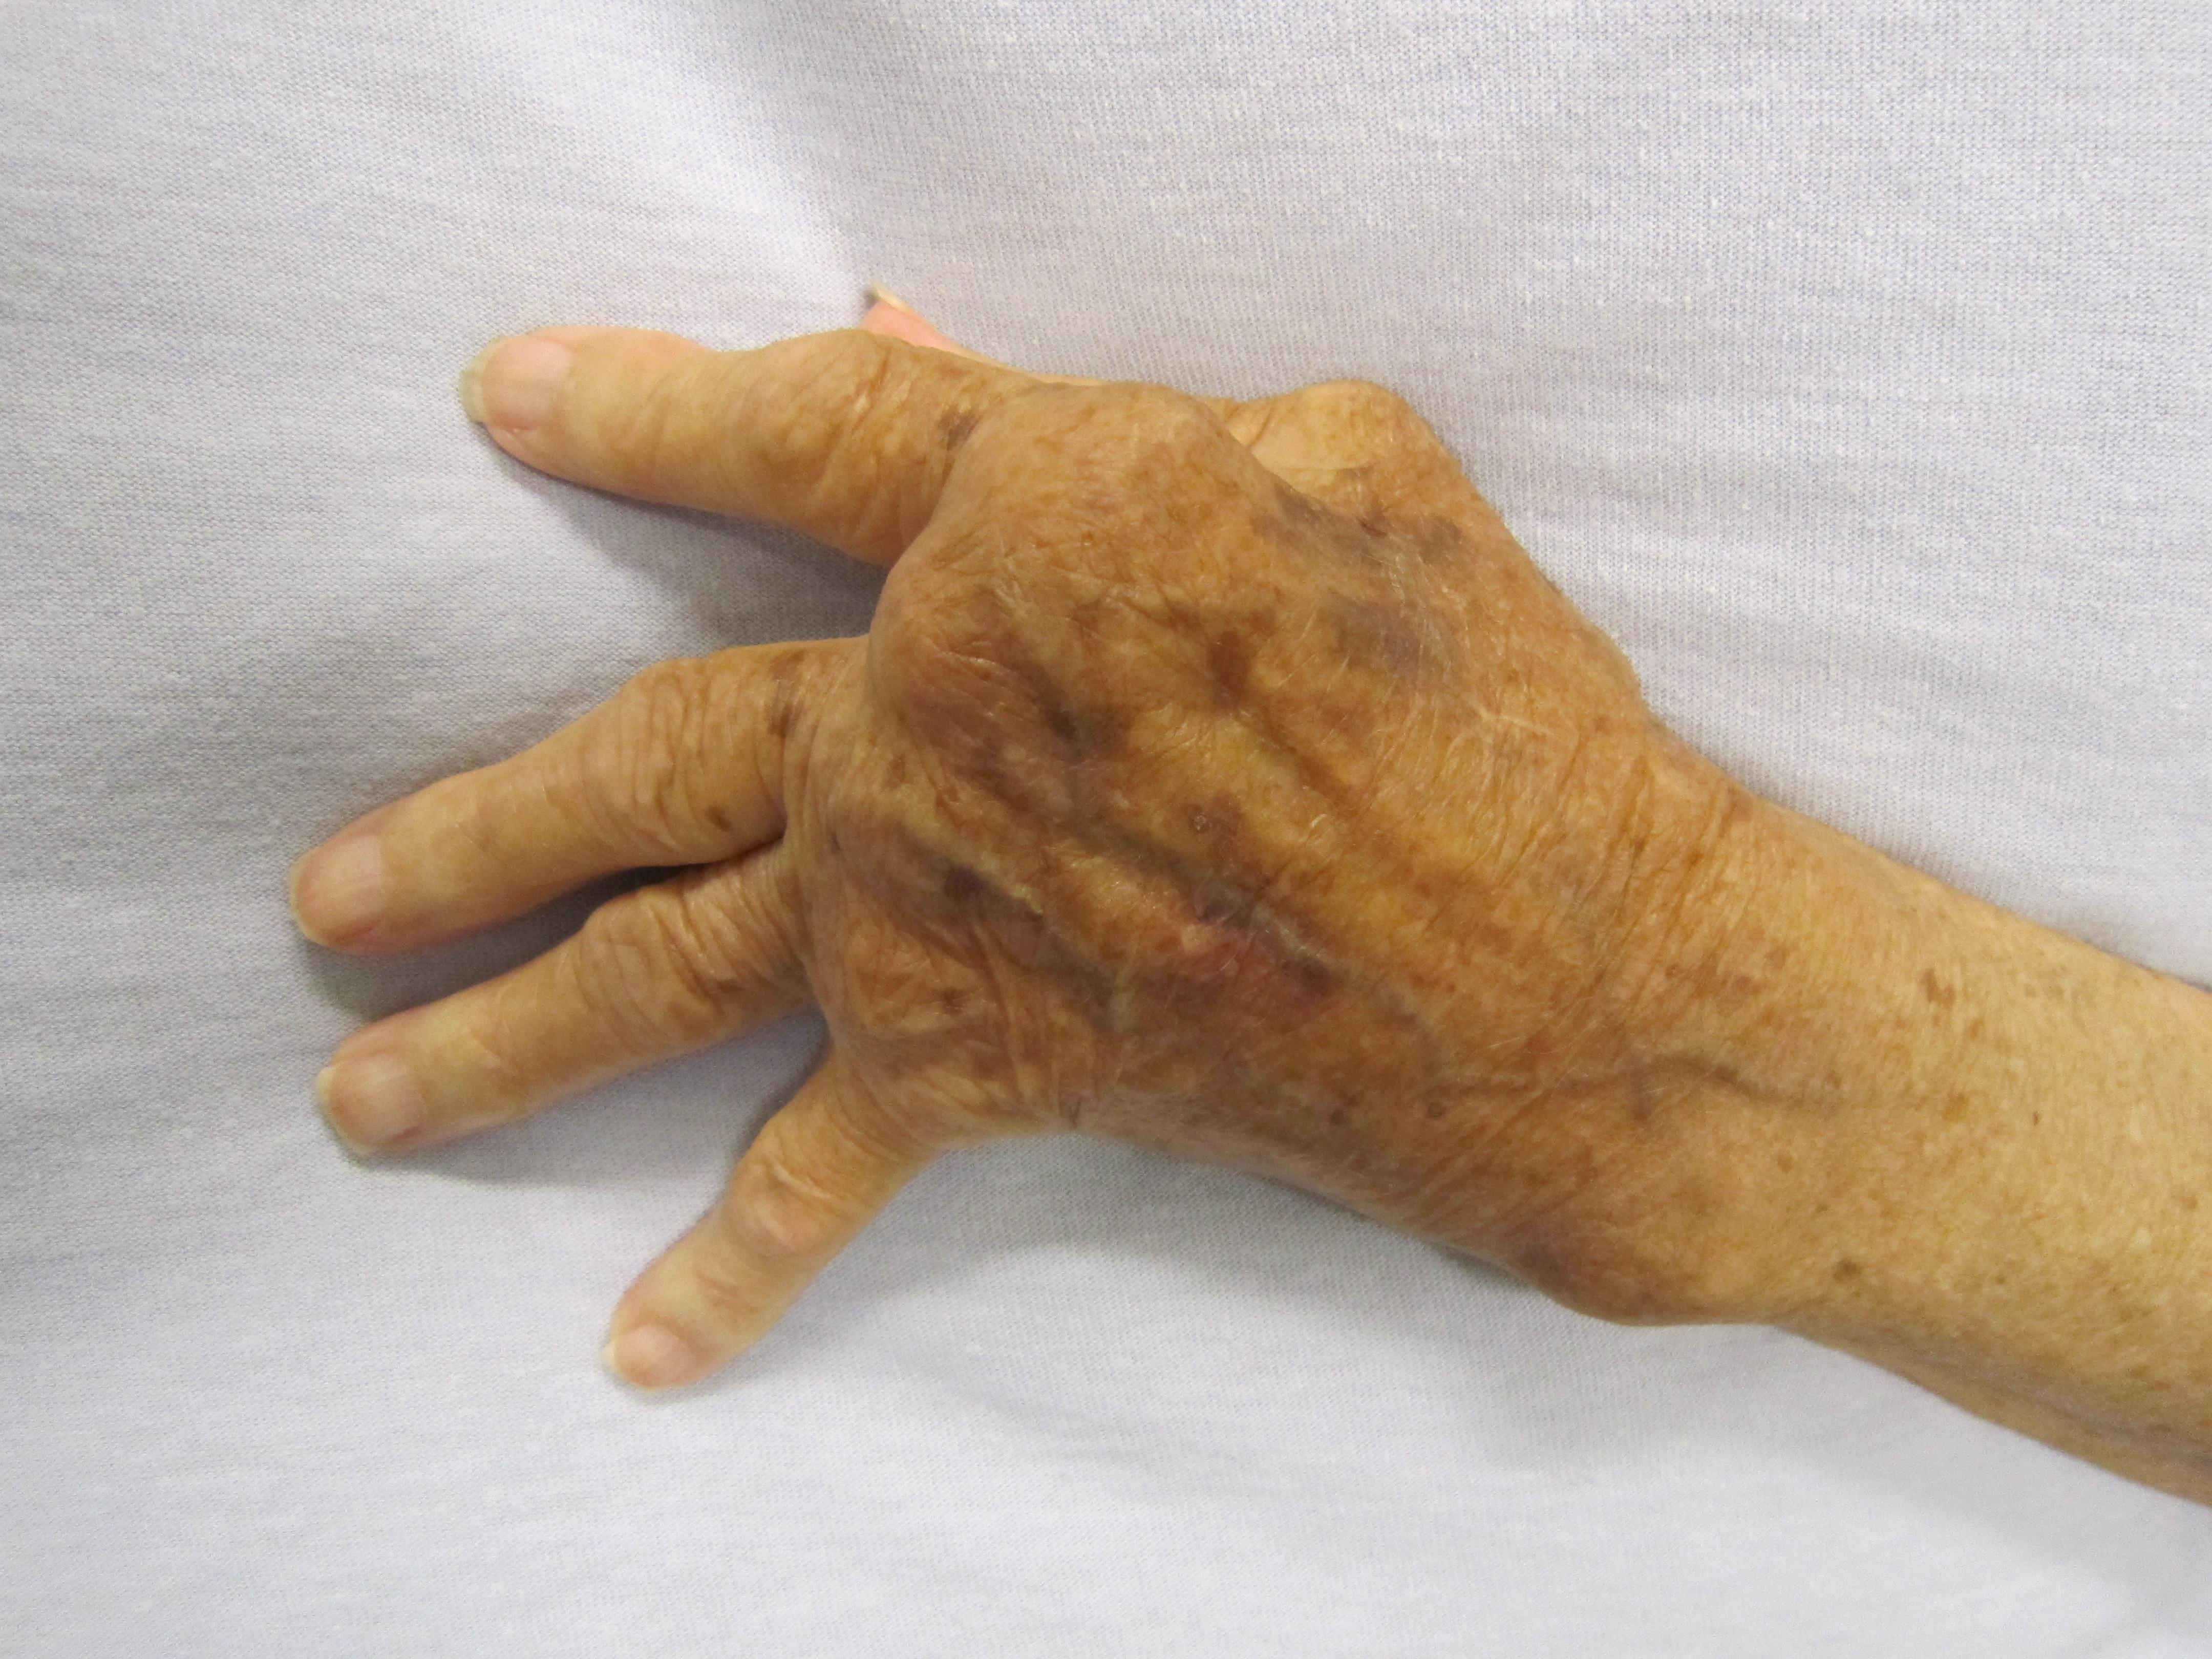 Ízületi gyulladásom van? - a reumatoid artritiszről | buggarage.hu